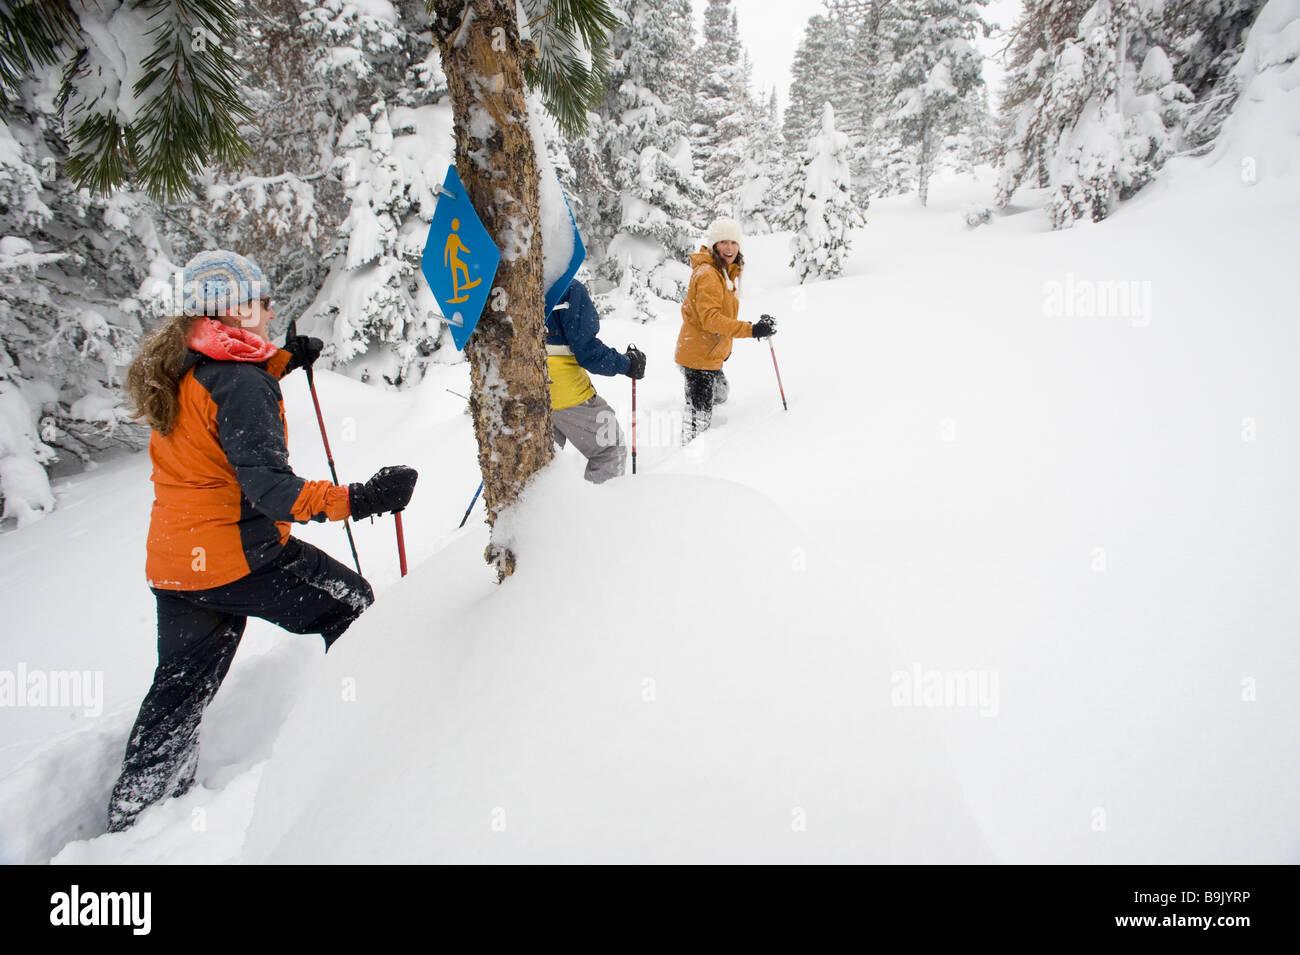 Vue arrière de trois personnes en raquettes avec des bâtons de ski en passant devant un sentier de raquette Photo Stock